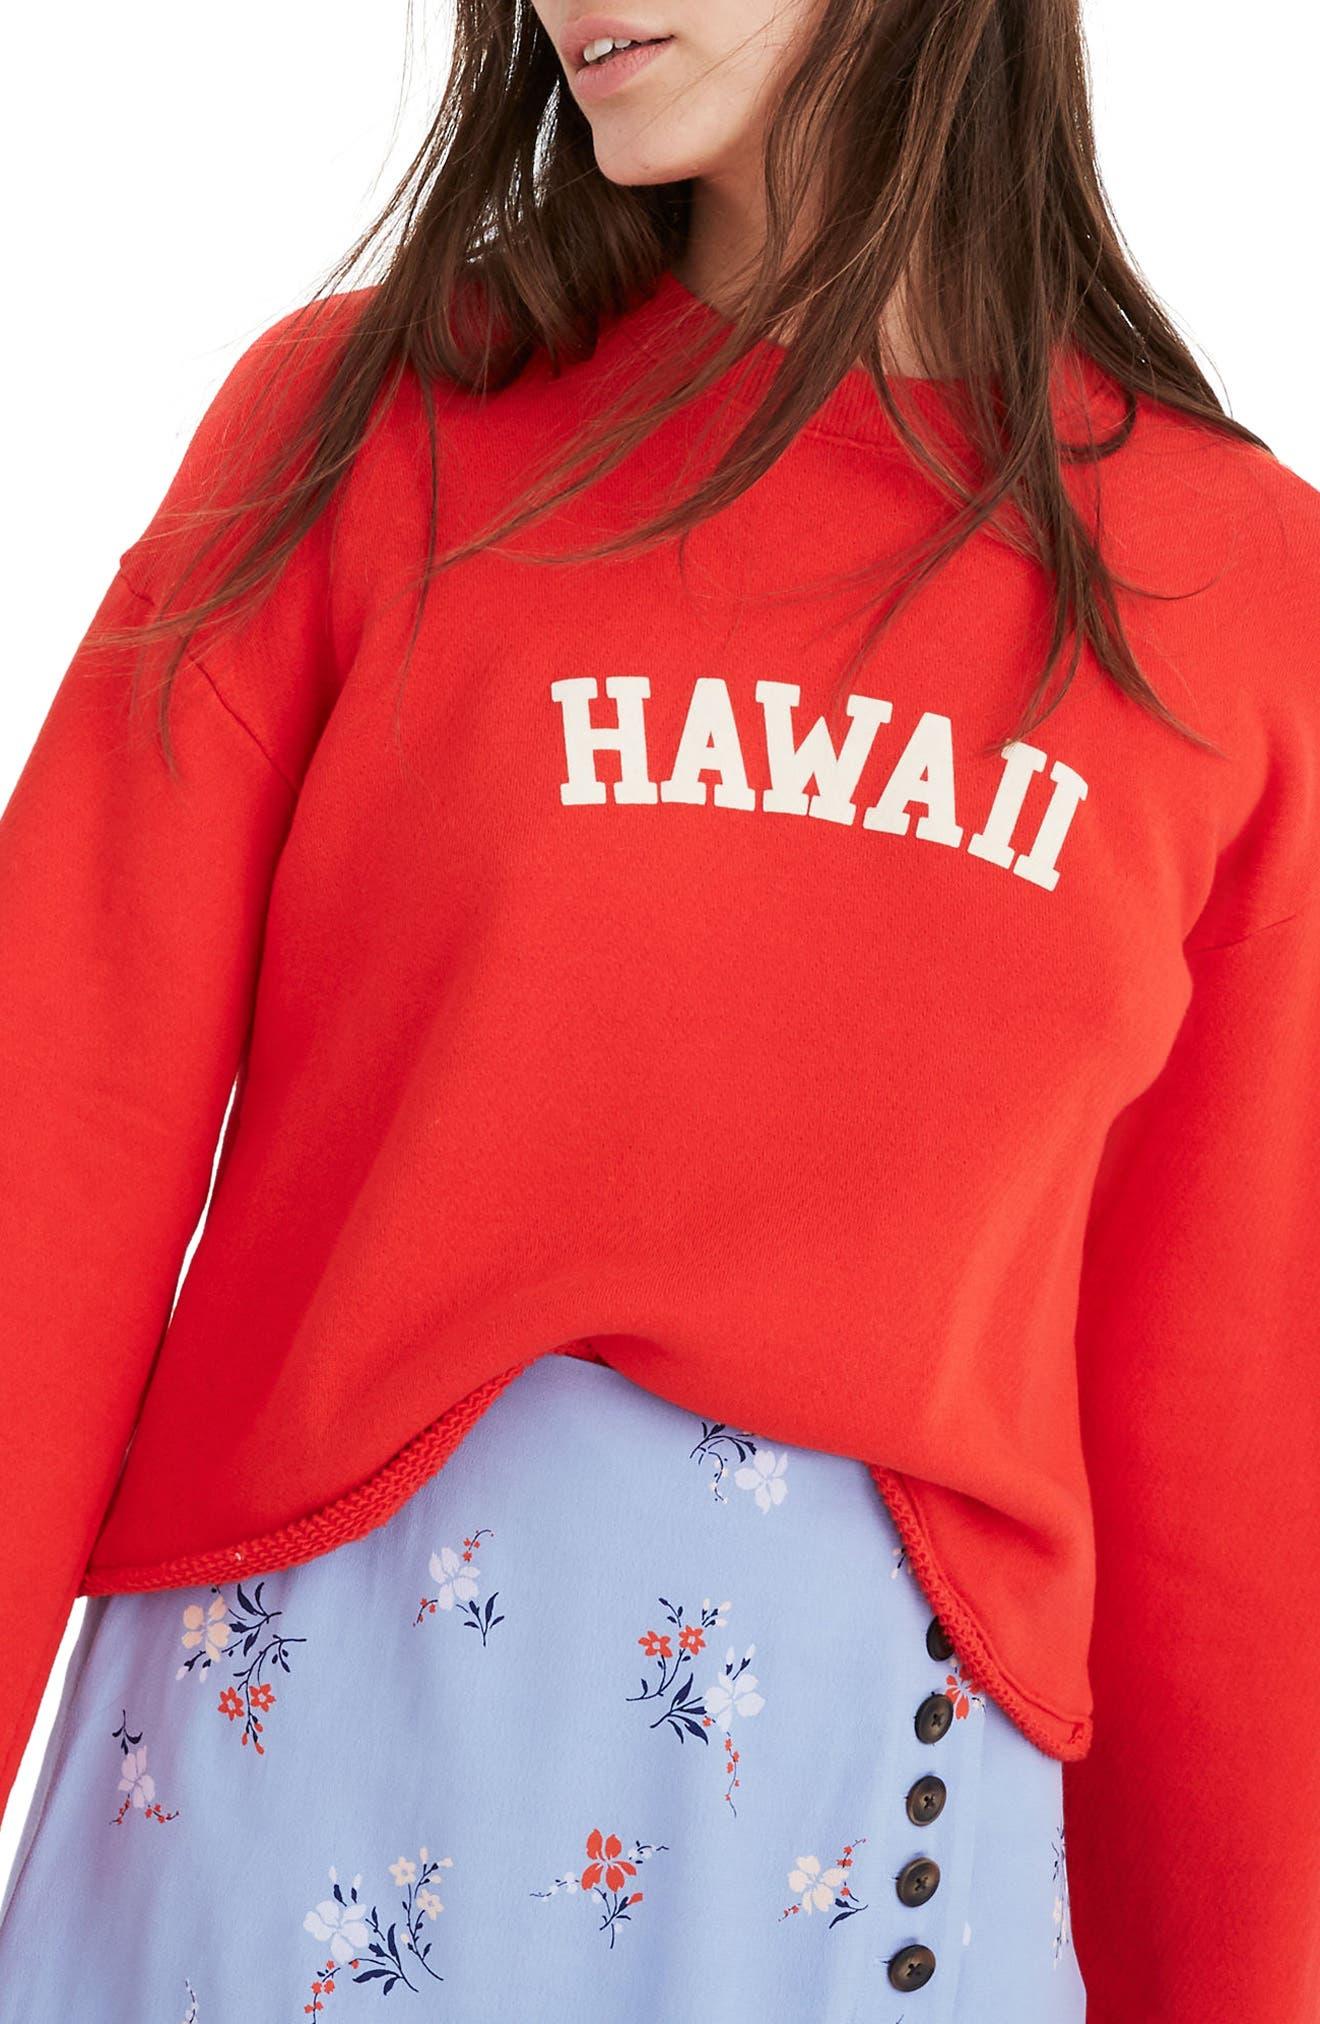 Madewell Hawaii Bell Sleeve Sweatshirt, Red